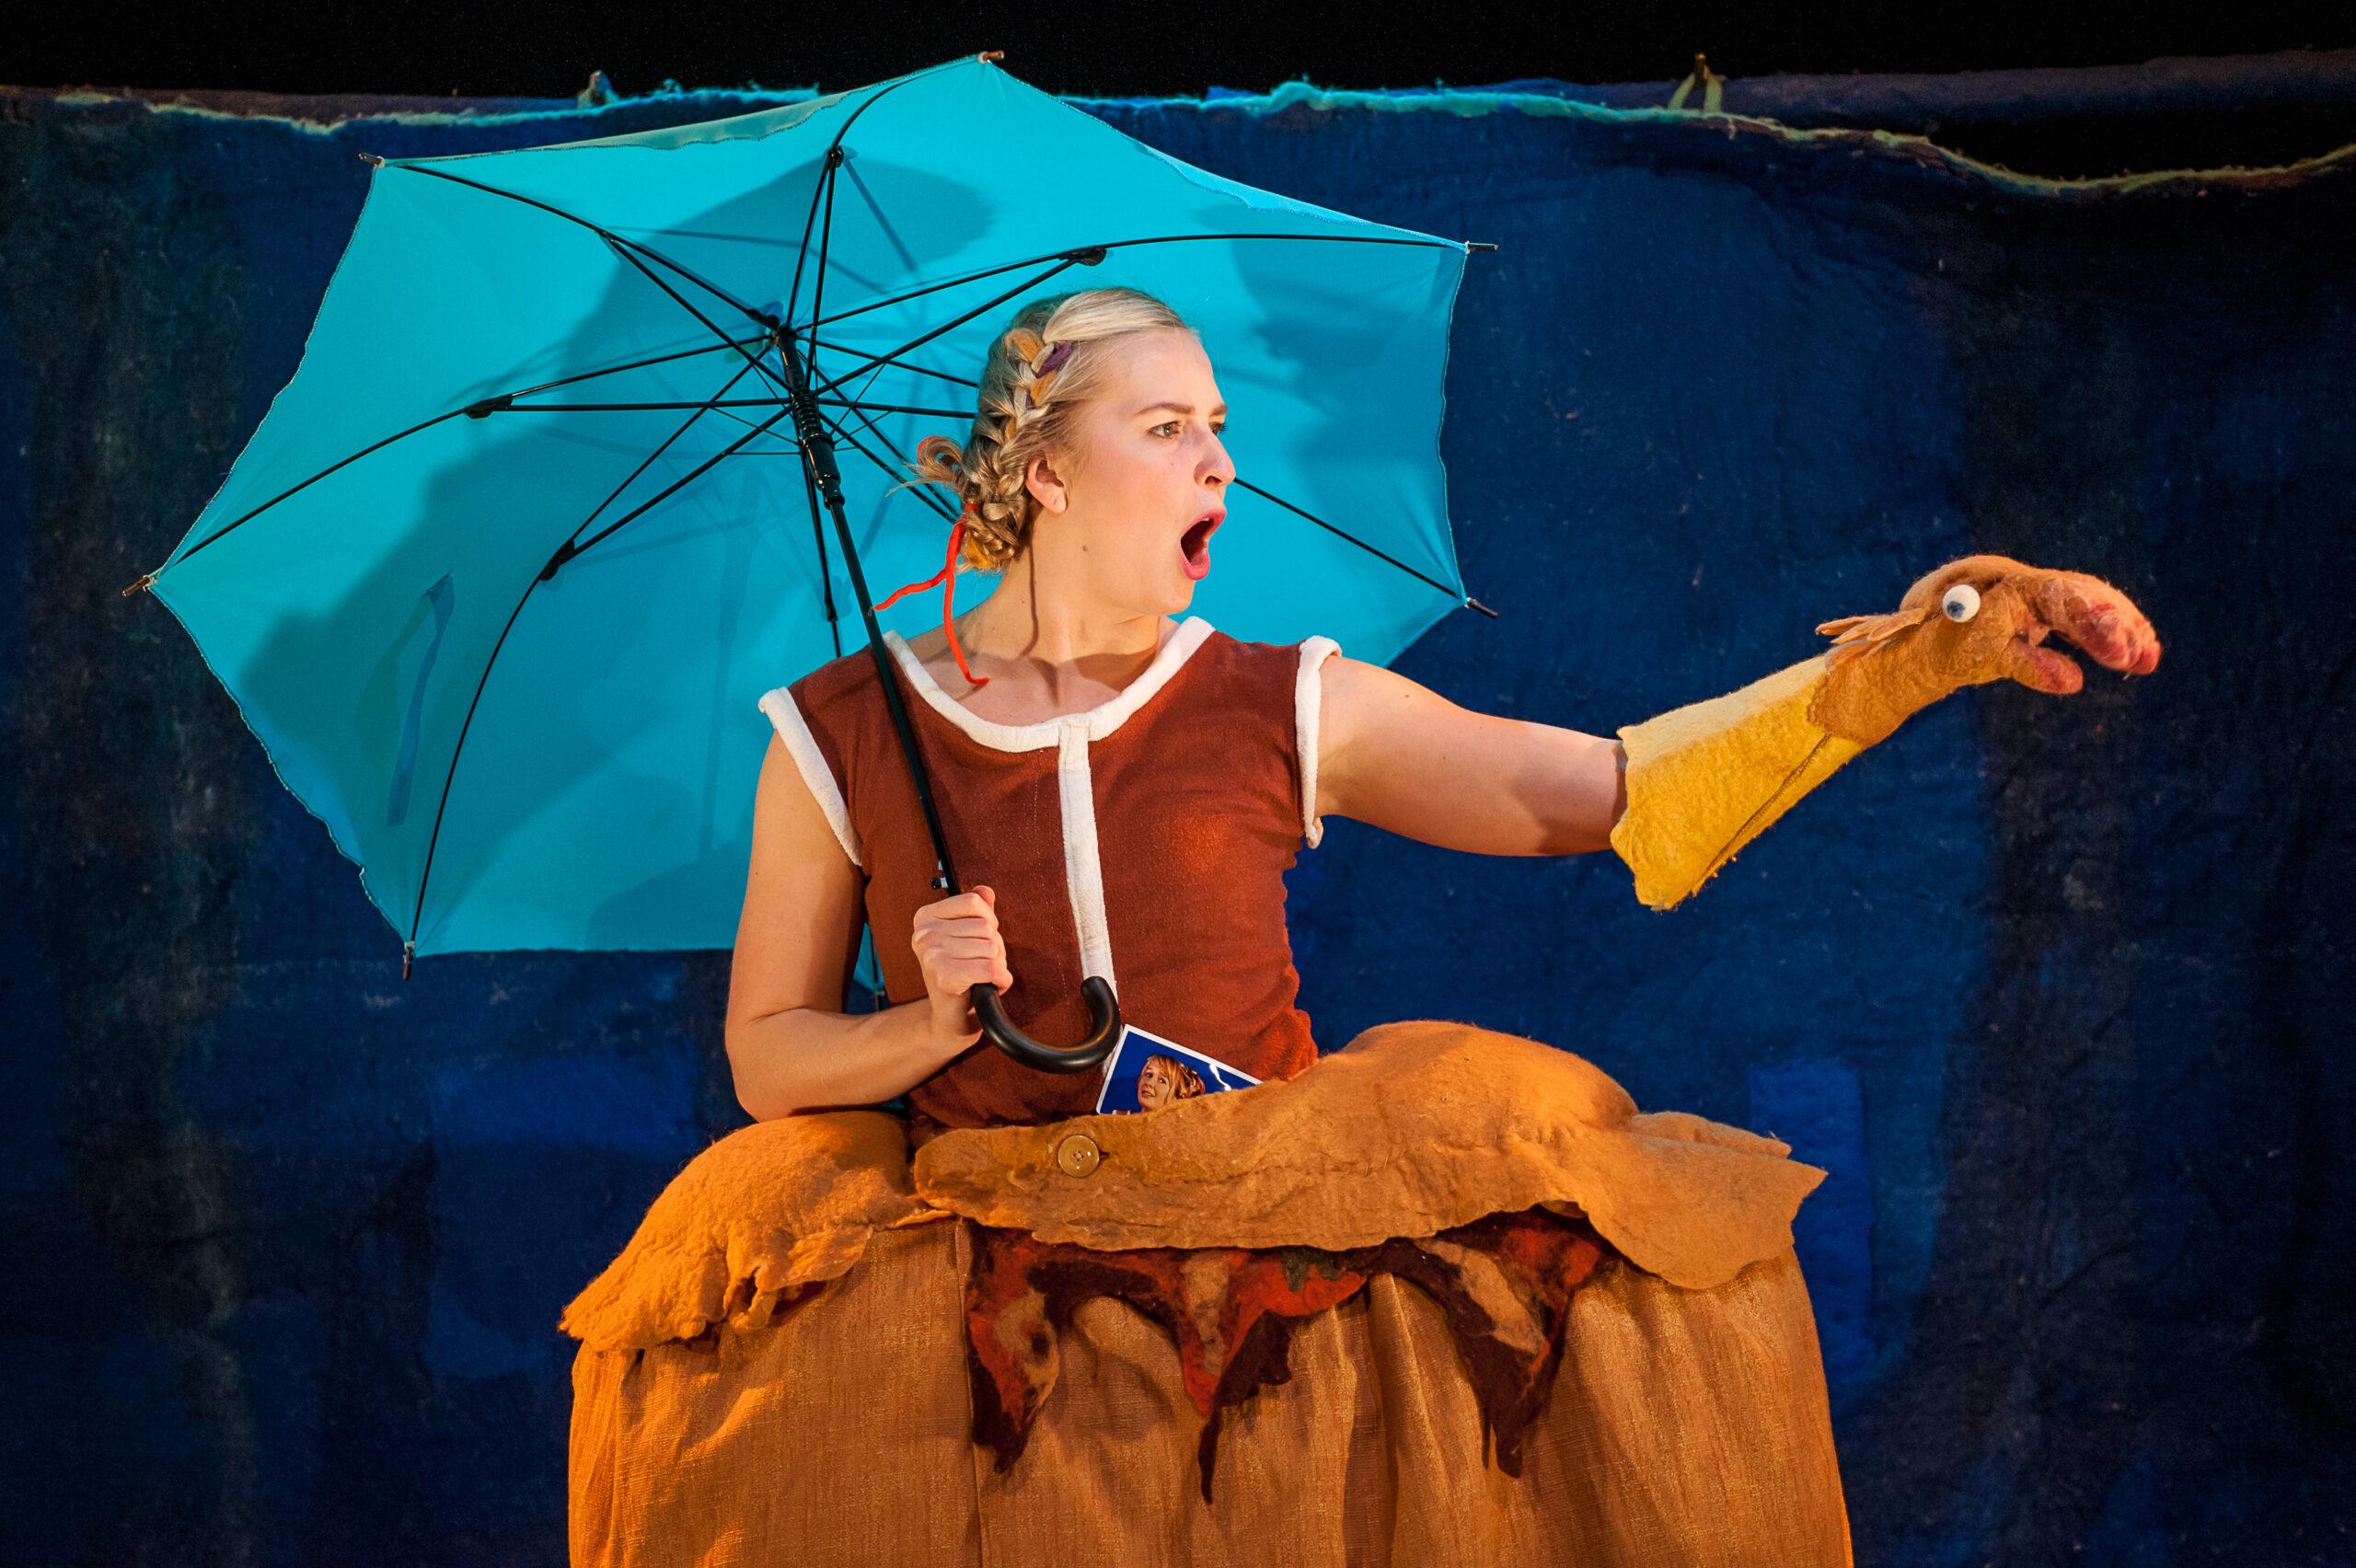 Keltahameinen näyttelijä pitelee sinistä sateenvarjoa ja näyttelee keltaisen käsinuken kanssa.